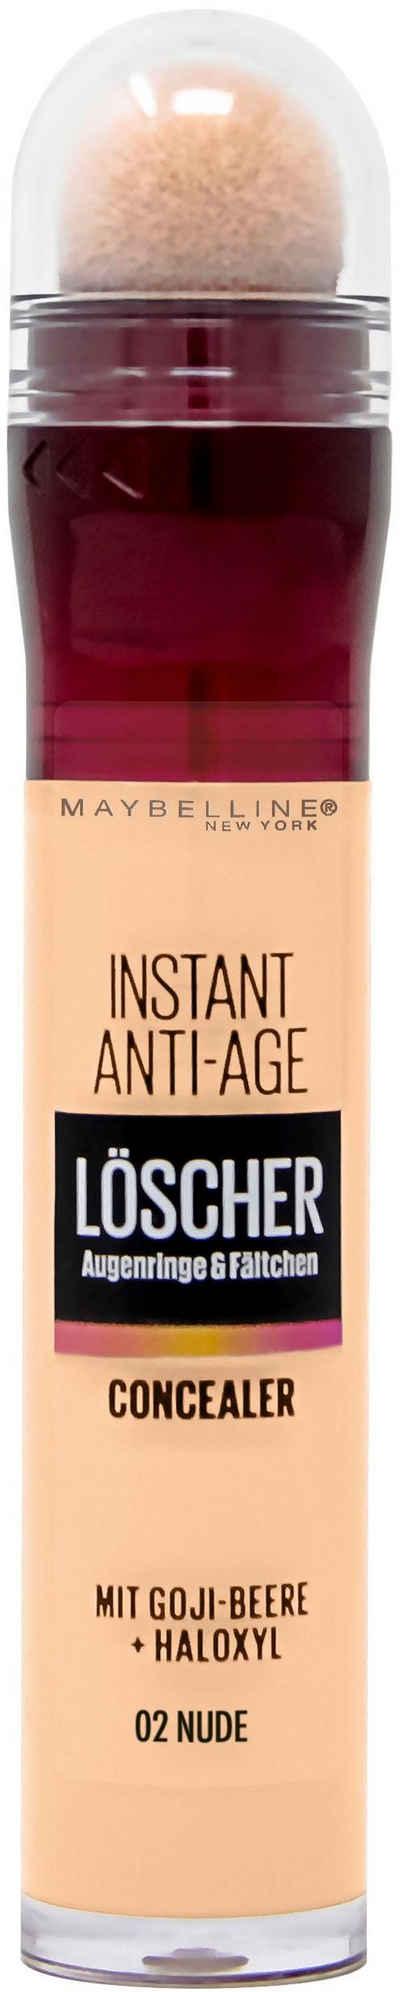 MAYBELLINE NEW YORK Concealer »Instant Anti-Age Effekt«, für die Augenpartie